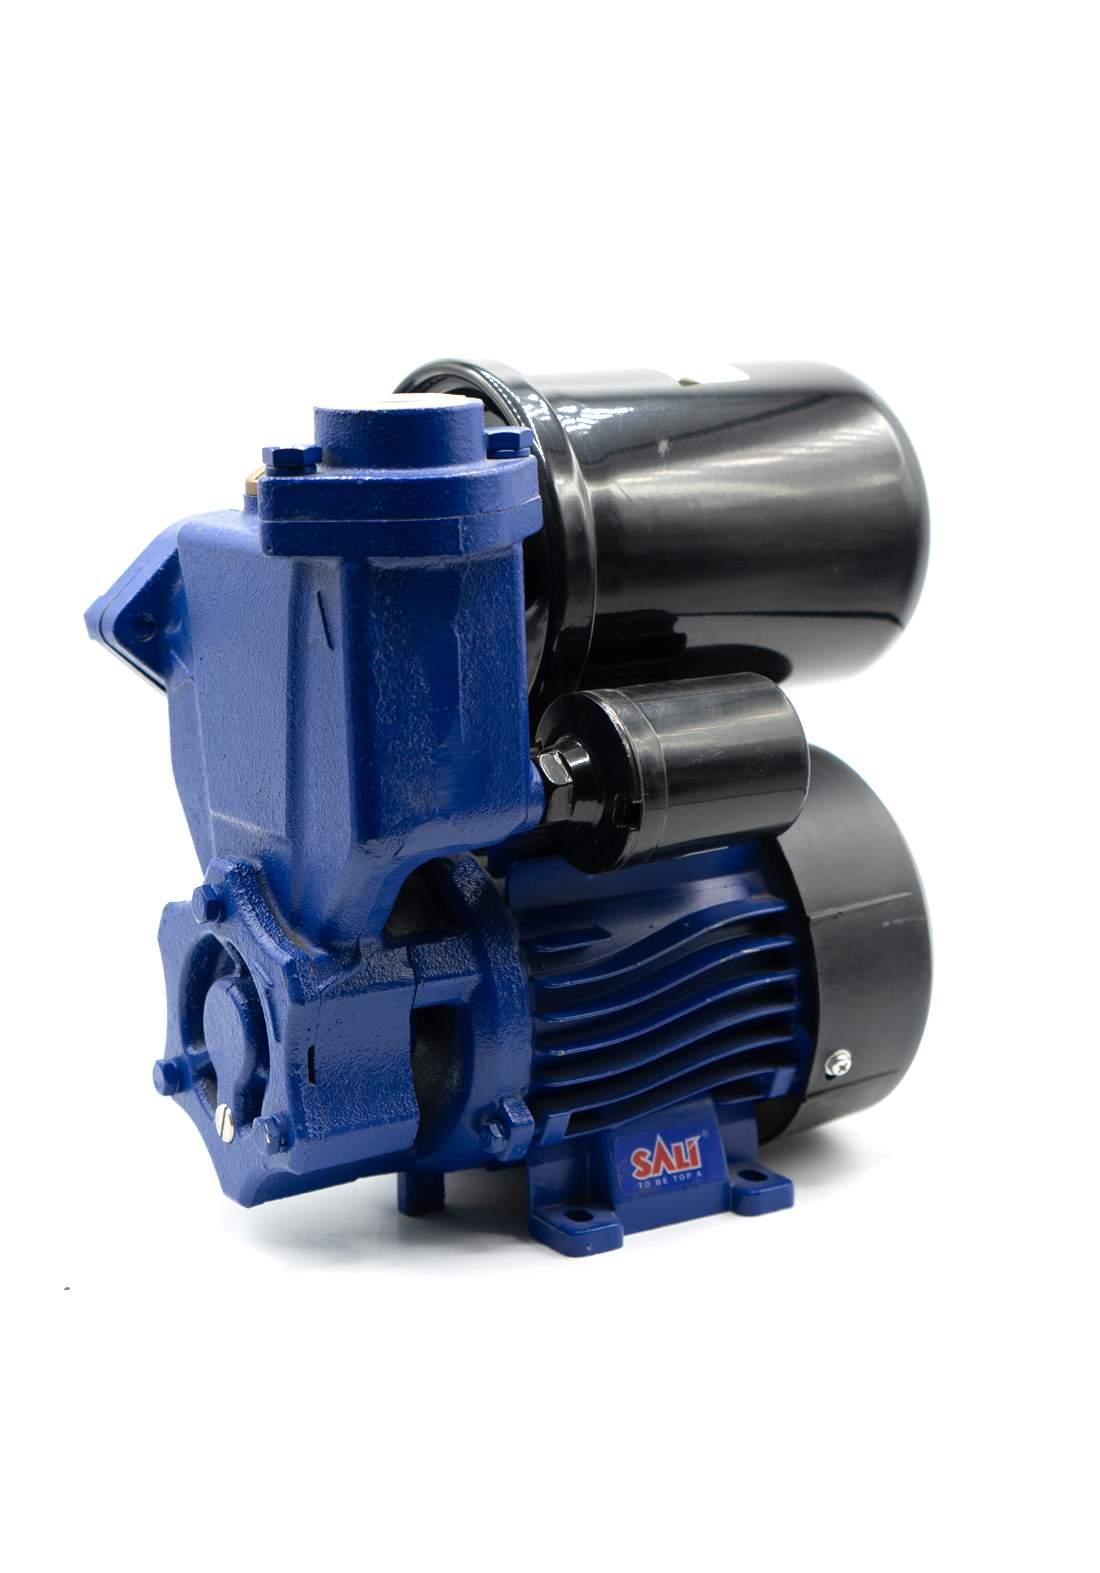 Sali SK370 Domestic Water Pump 3700 W 0.5HP  ماطور مياه بوستر